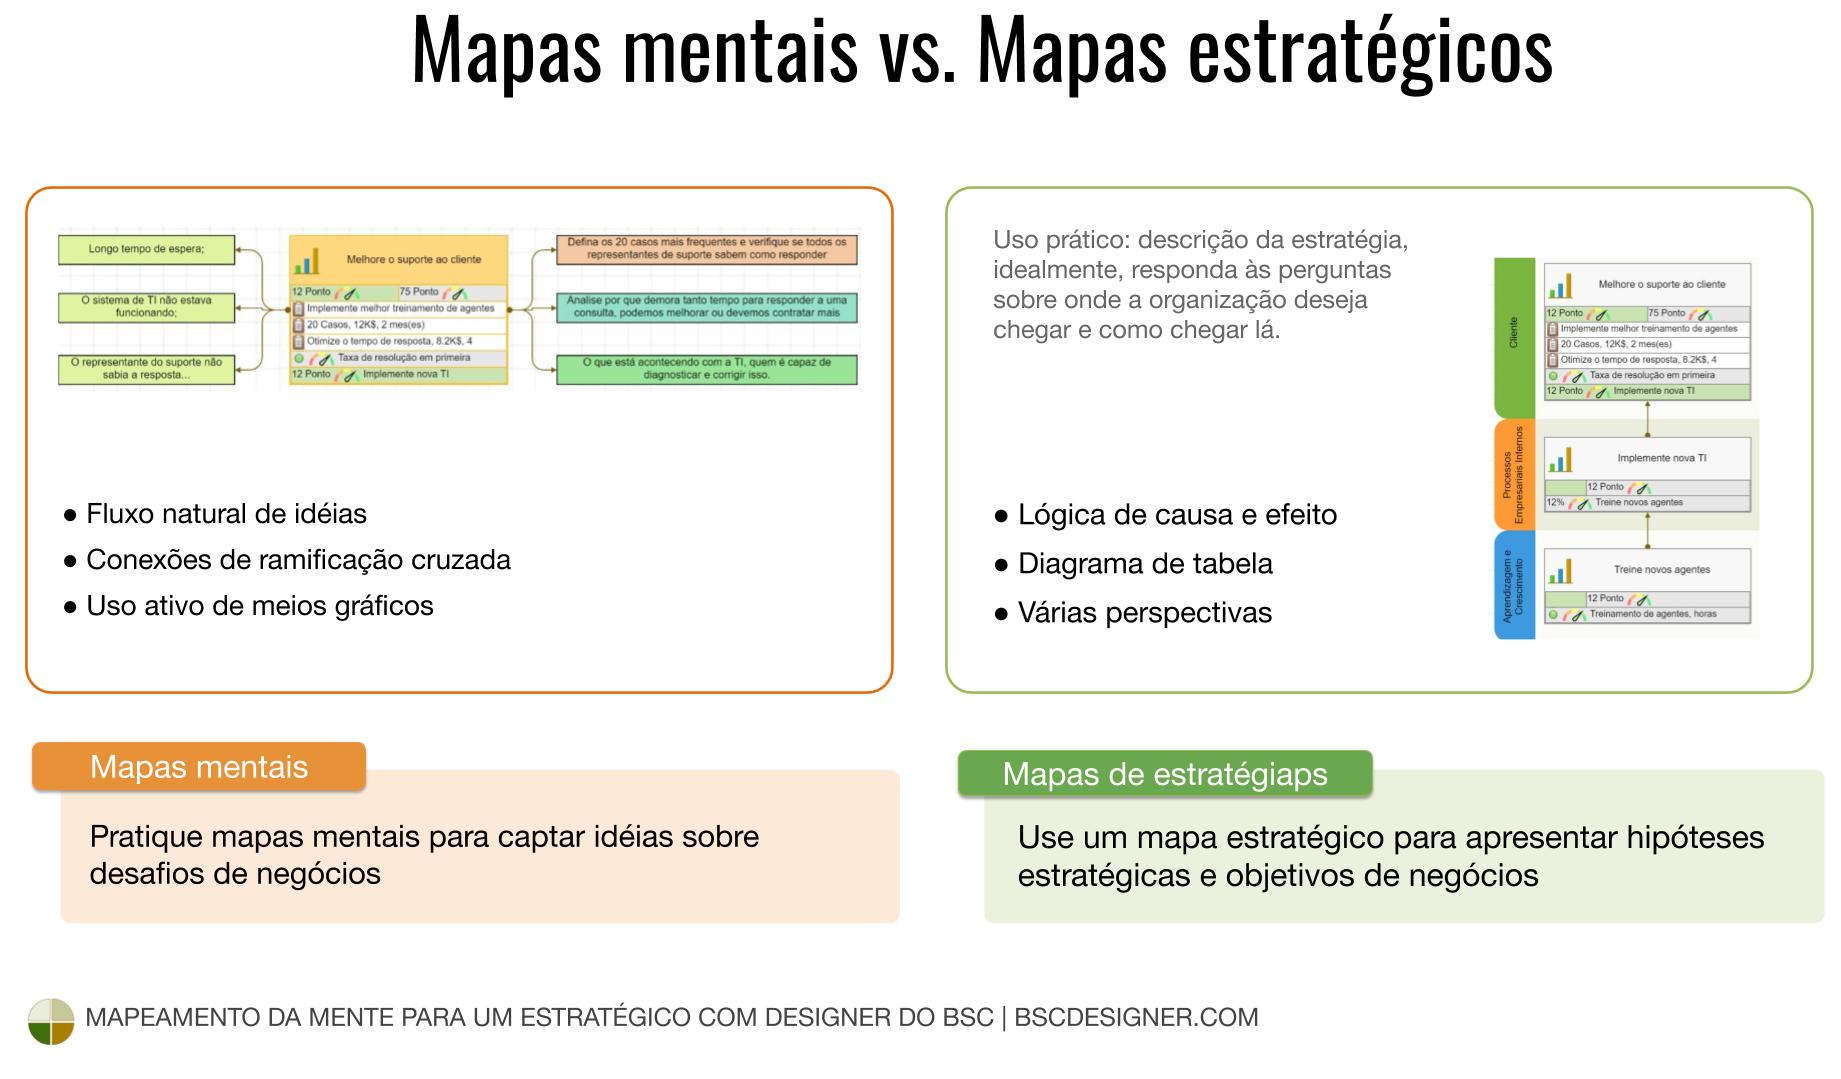 Capture idéias aleatórias com o mapa mental e apresente objetivos de negócios com lógica de causa e efeito em um mapa estratégico.